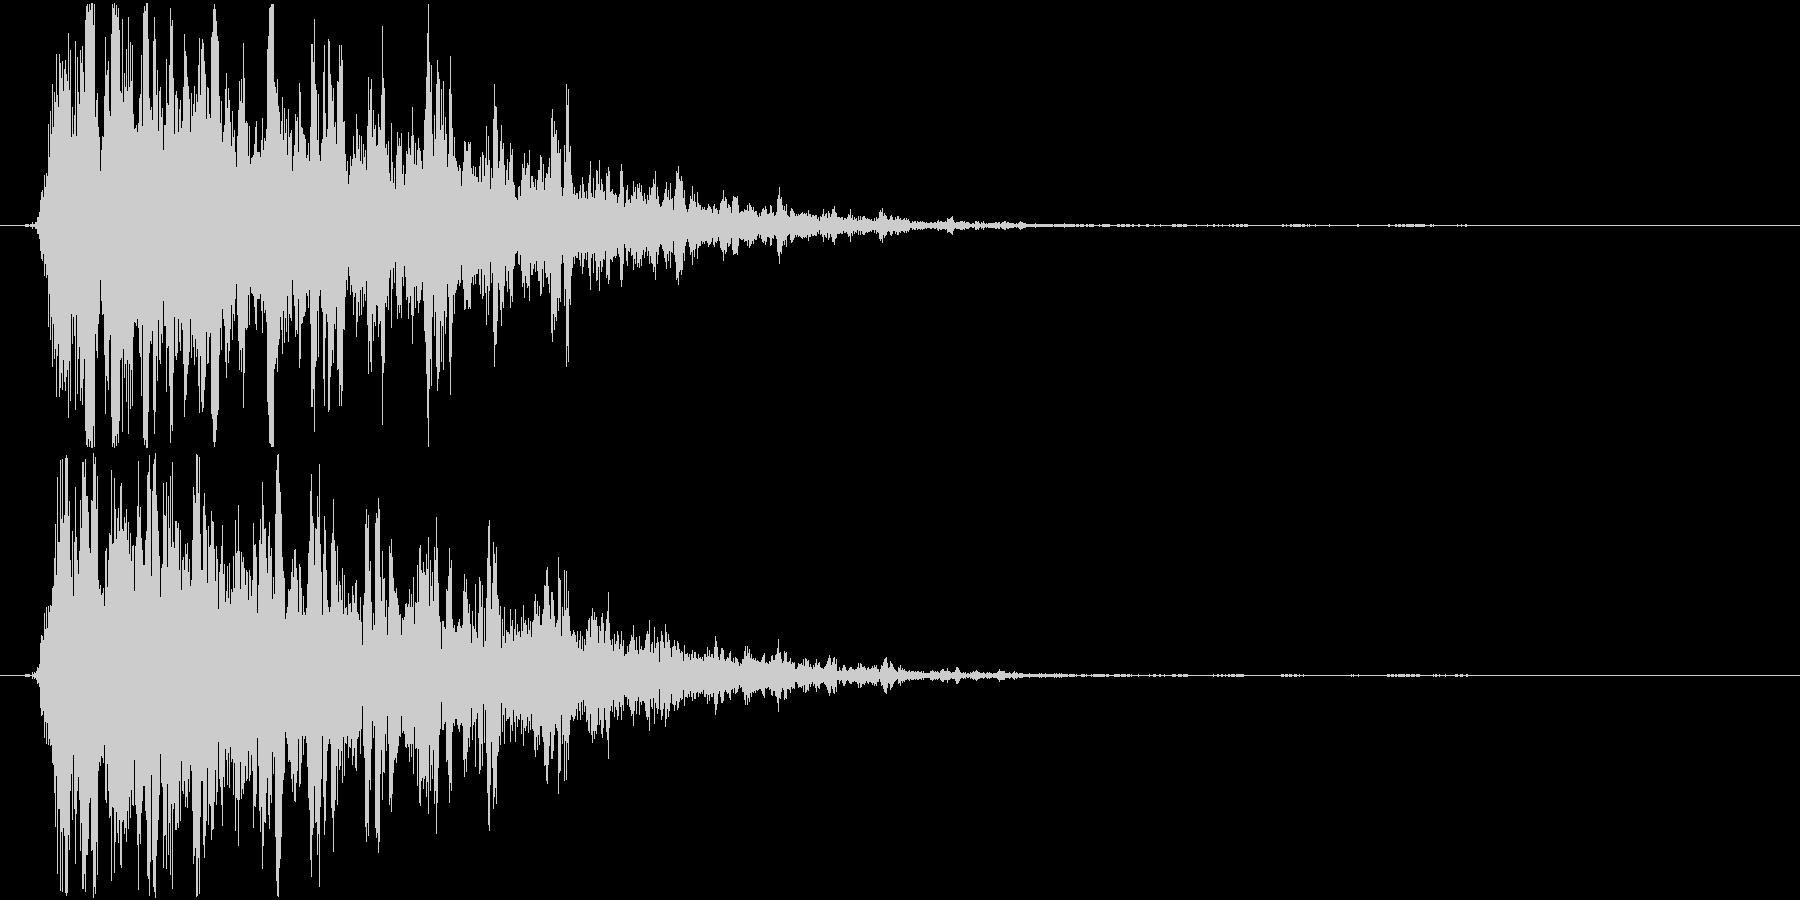 ビーム、光線音(シュルルル)の未再生の波形